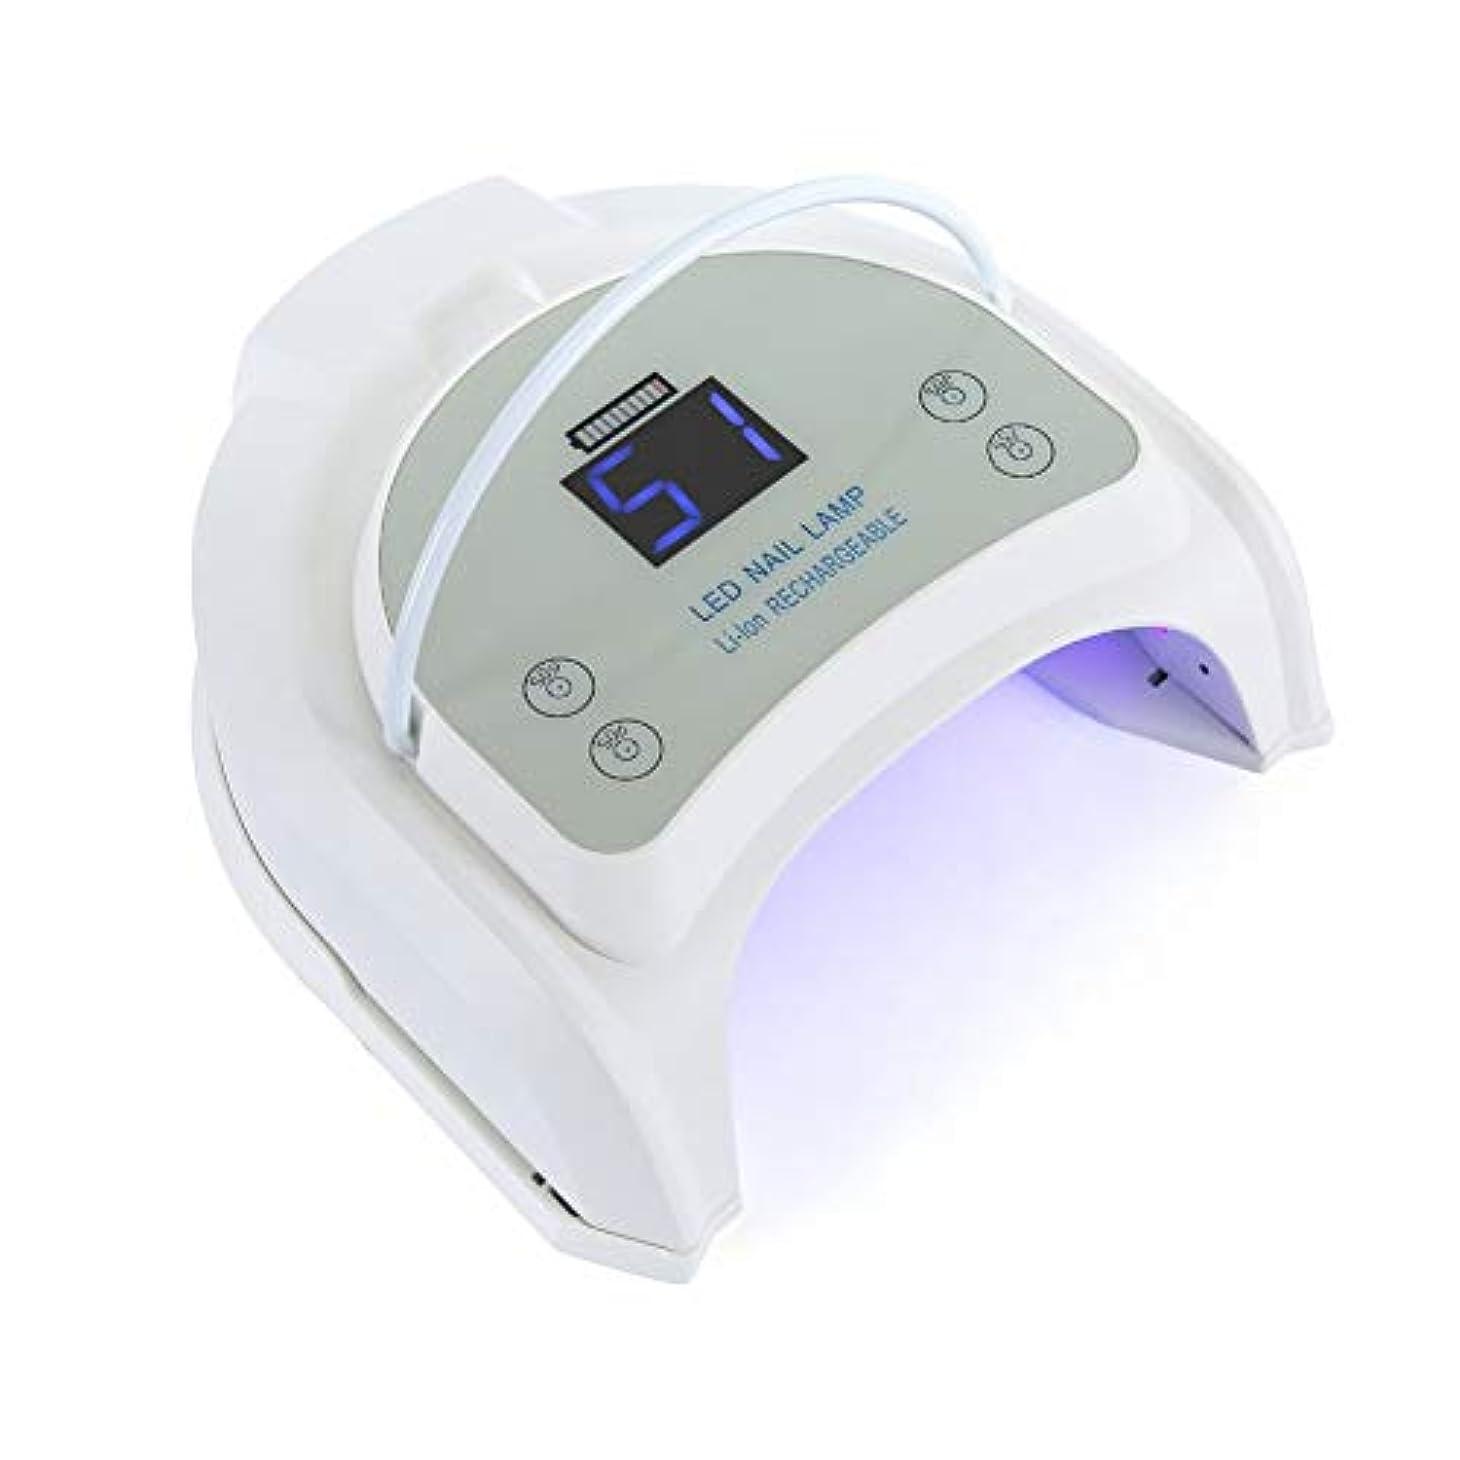 考えるゴミ王族64WバッテリーリムーバブルワイヤレスLEDネイルランプコードレス充電式LEDネイルドライヤー